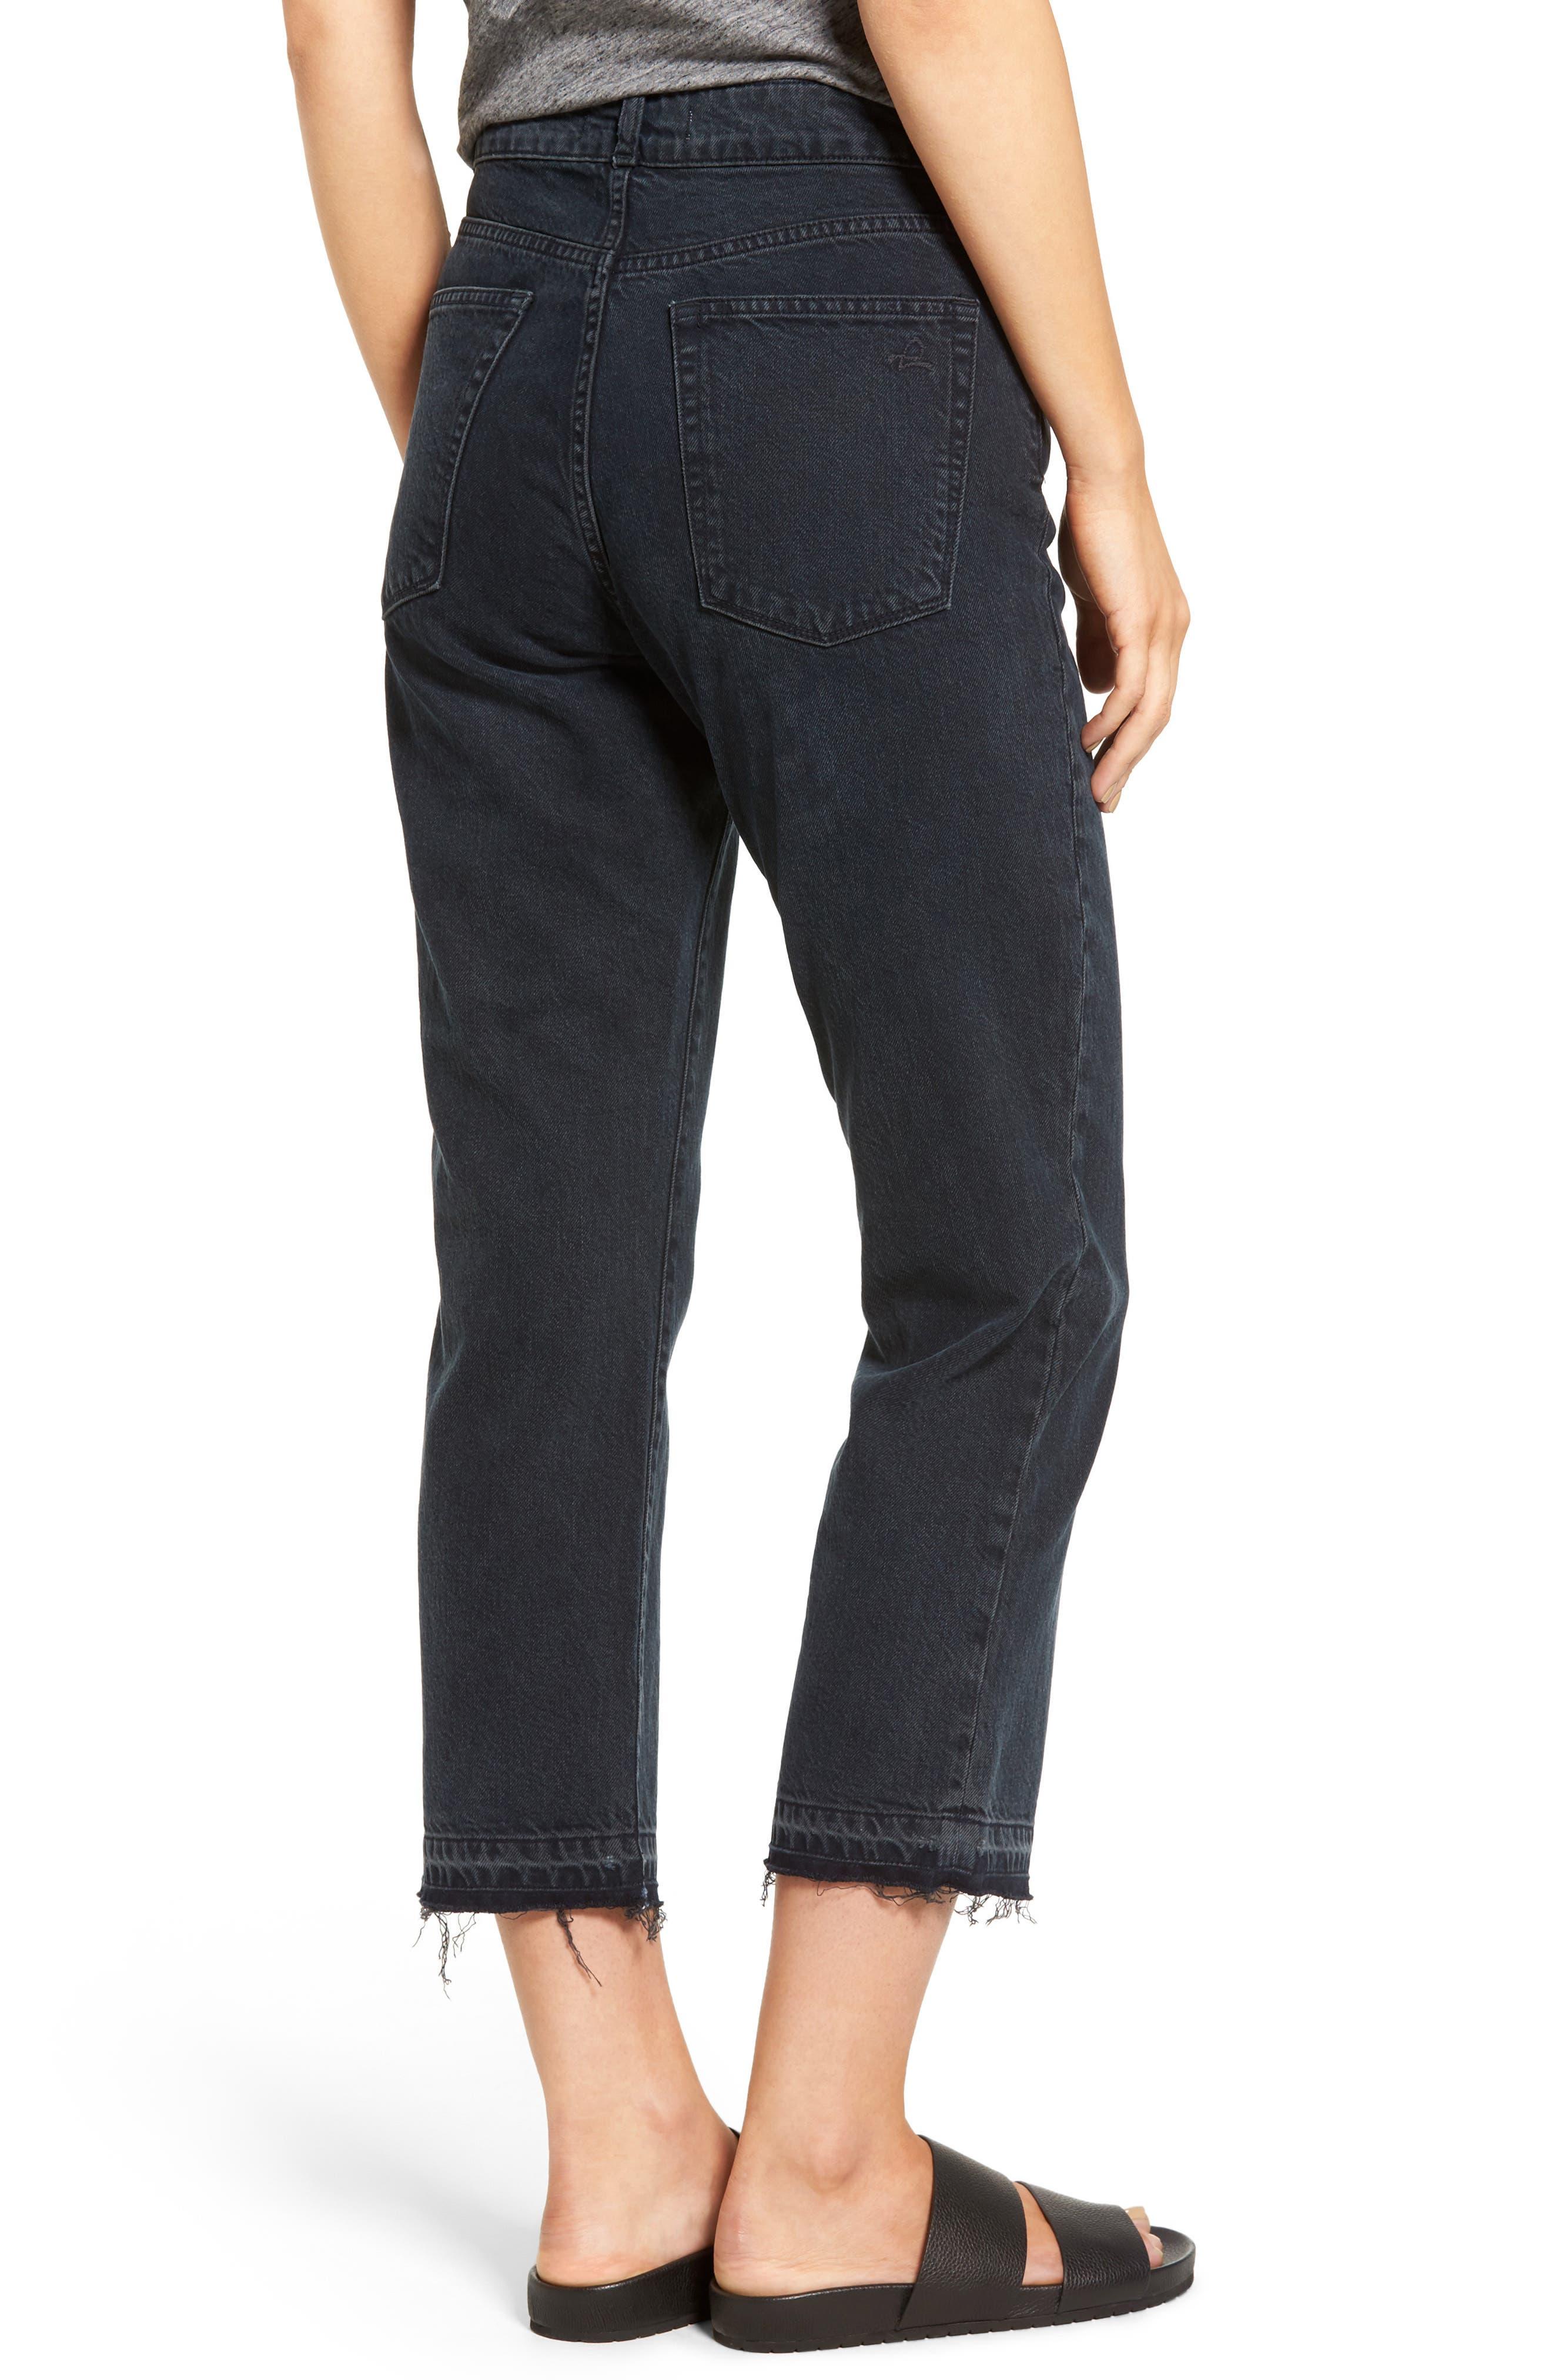 Patti High Rise Straight Leg Jeans,                             Alternate thumbnail 2, color,                             002